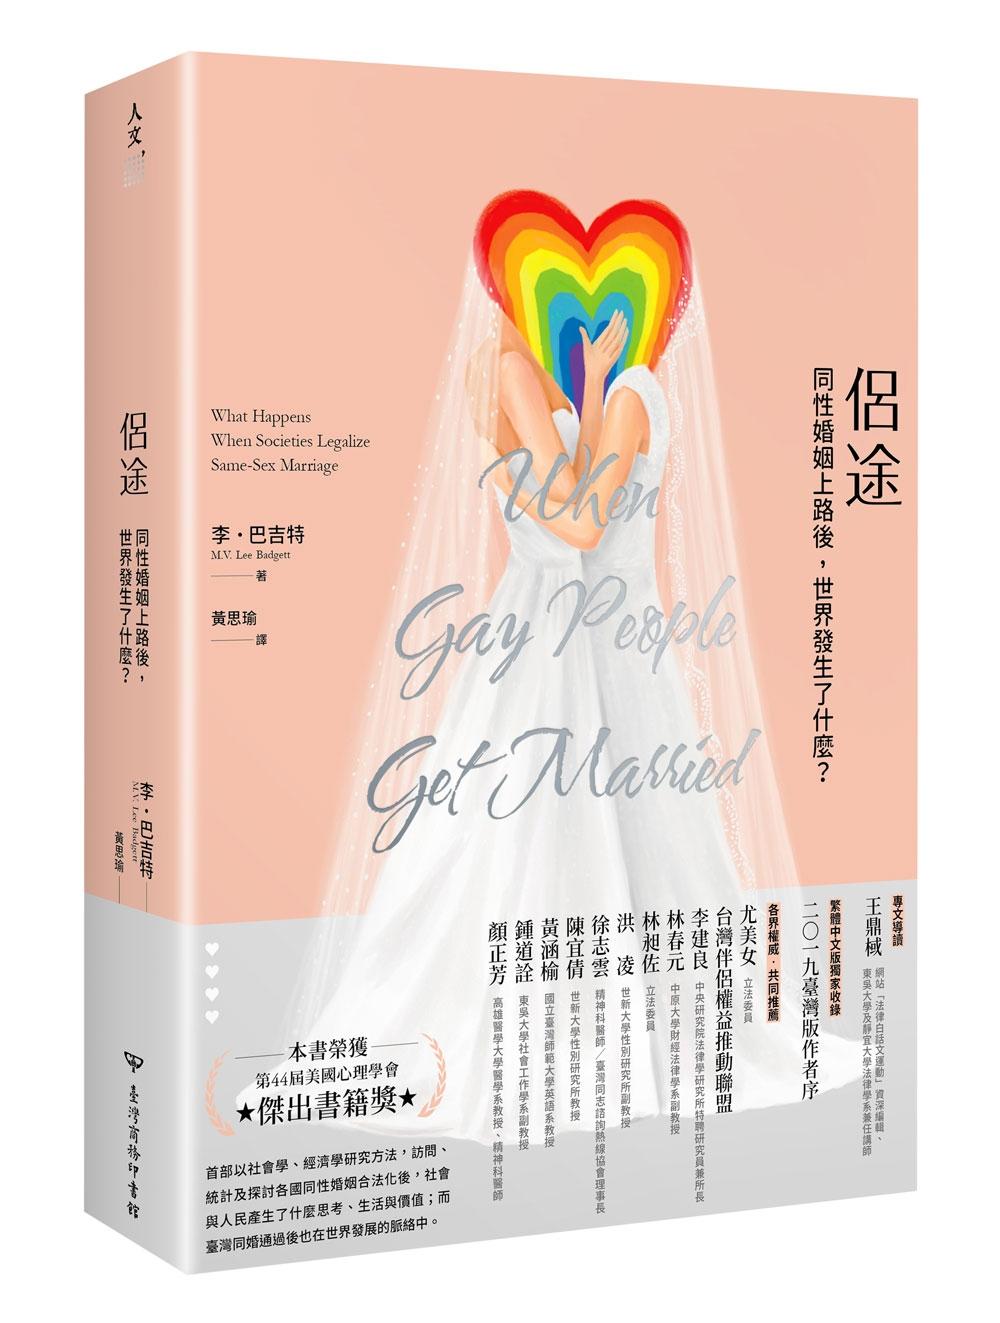 侶途:同性婚姻上路後,這世界發...